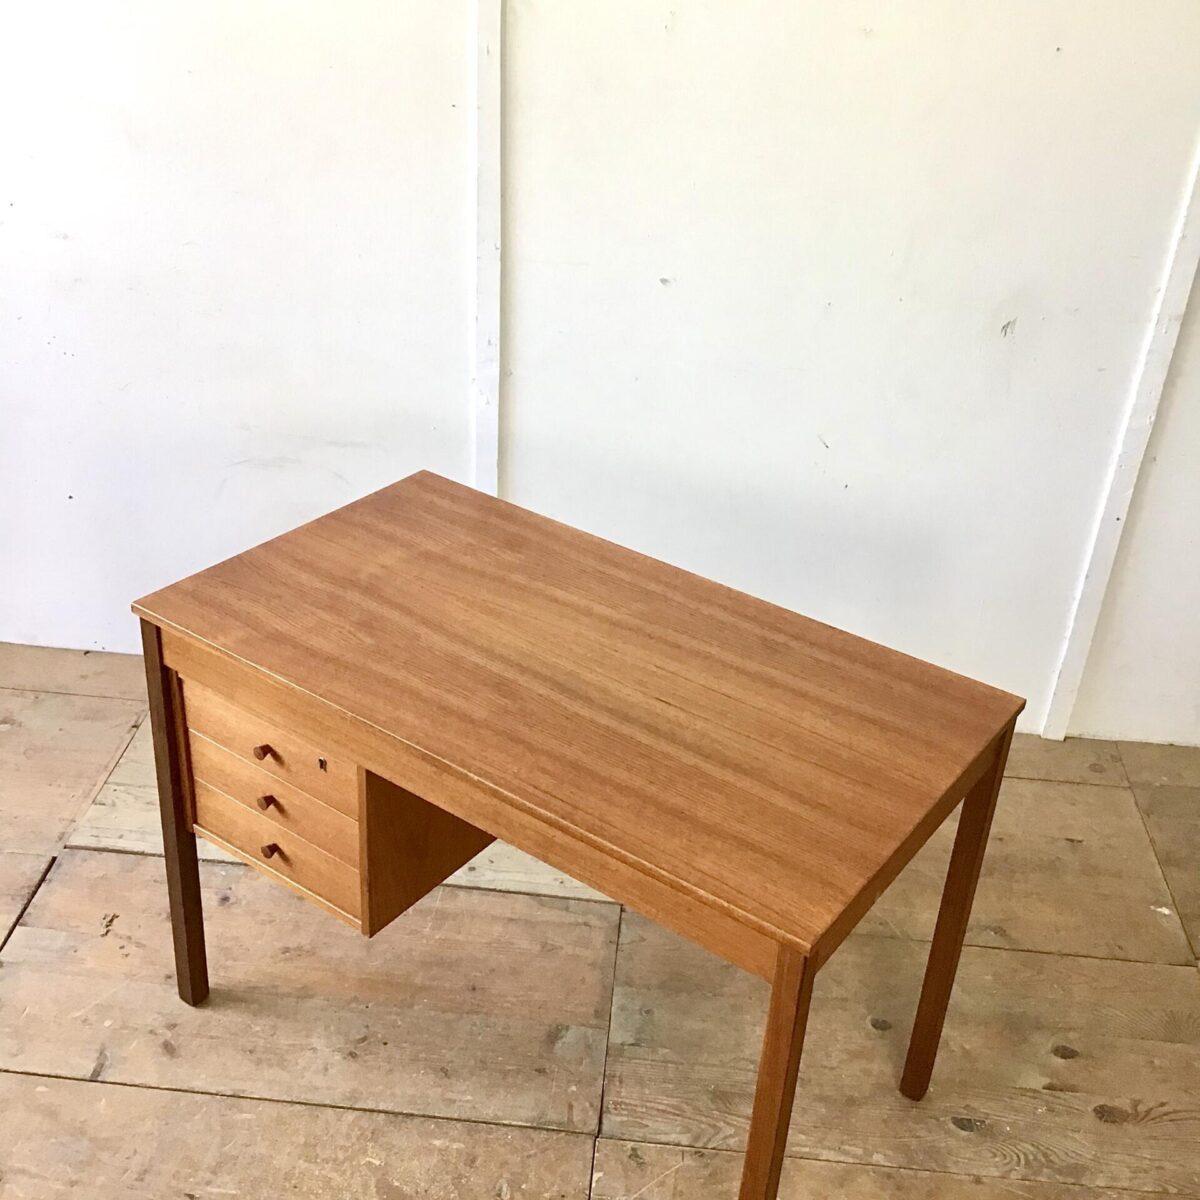 Midcentury Teak Schreibtisch mit Schubladen. 104.5cm mal 59cm Höhe 73cm. Die Tischbeine sind etwas dunkler als der Rest des Pultes. Drei Schubladen eine davon ist abschliessbar.